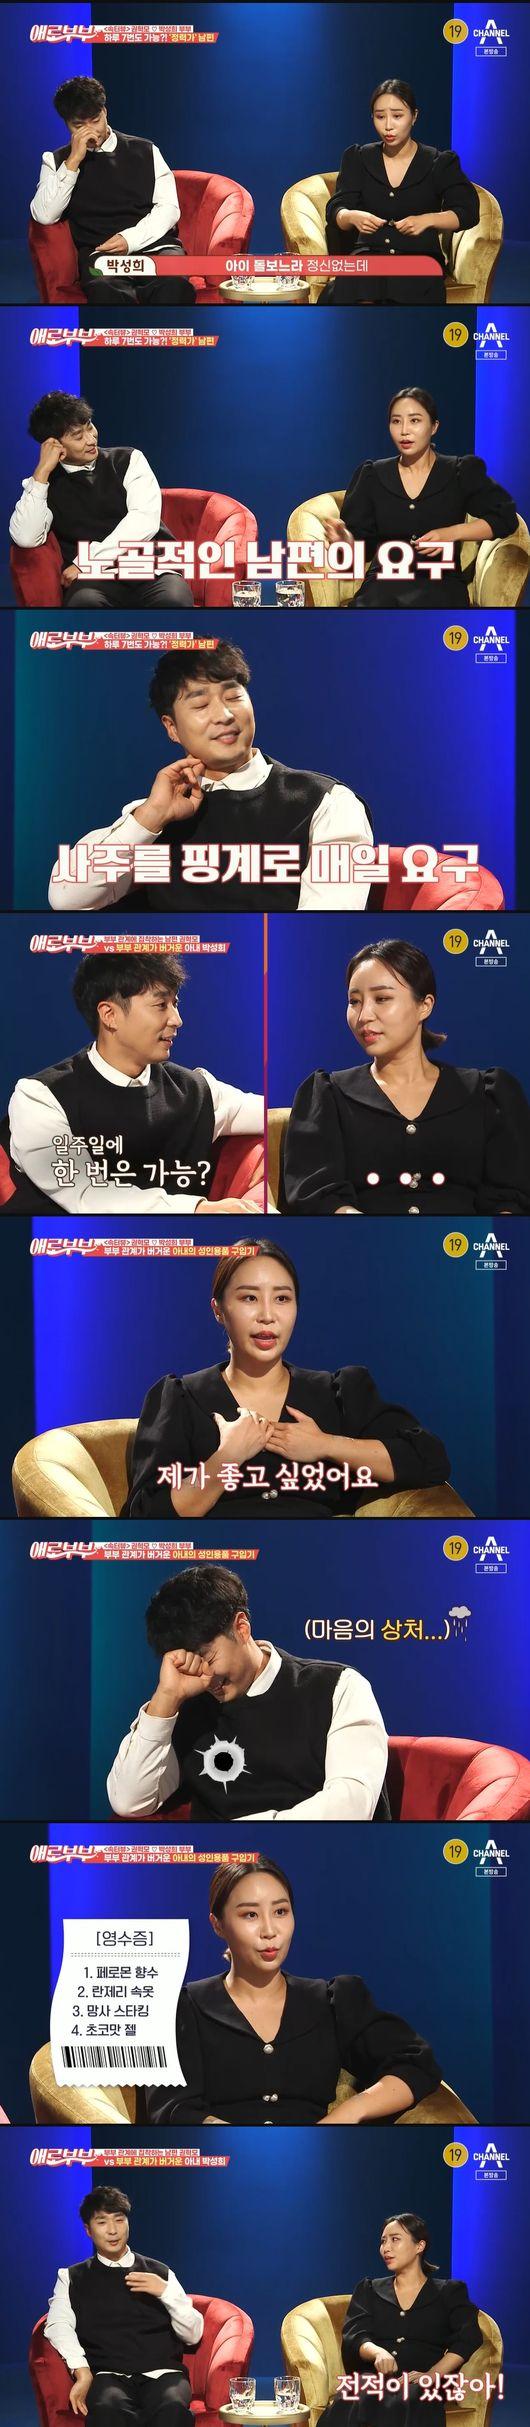 SNS섹시★박성희♥권혁모 부부 출격 하루7번도 가능? 정력 동상이몽 (애로부부) [종합]